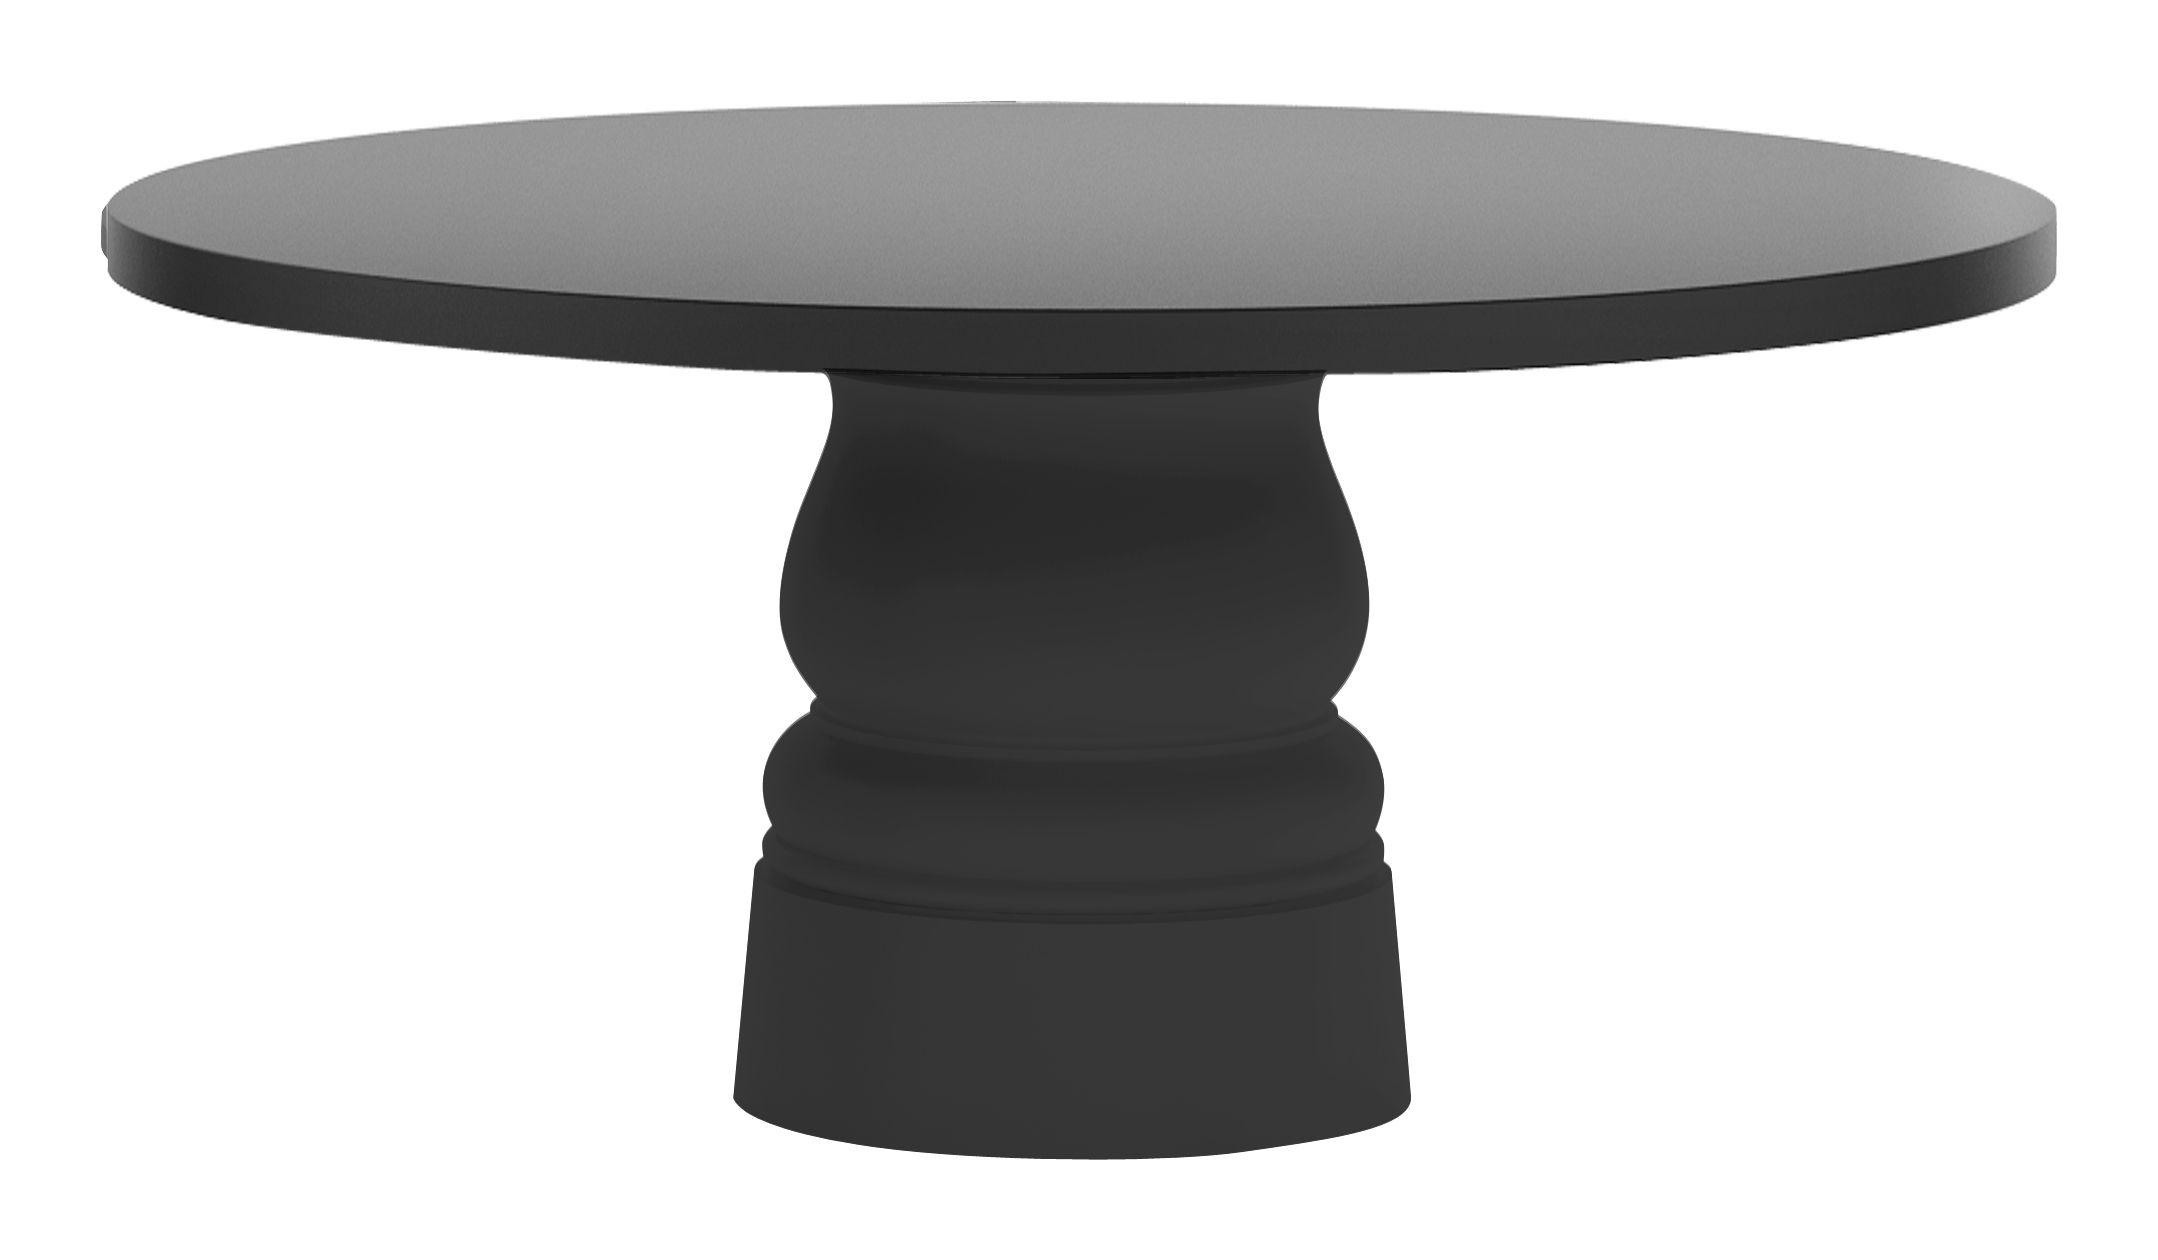 Jardin - Tables de jardin - Pied de table Container New Antique / H 71 cm - Pour plateau Ø 160 cm - Moooi - Pied noir - Ø 56 x H 71 cm - Acier inoxydable, Polyéthylène